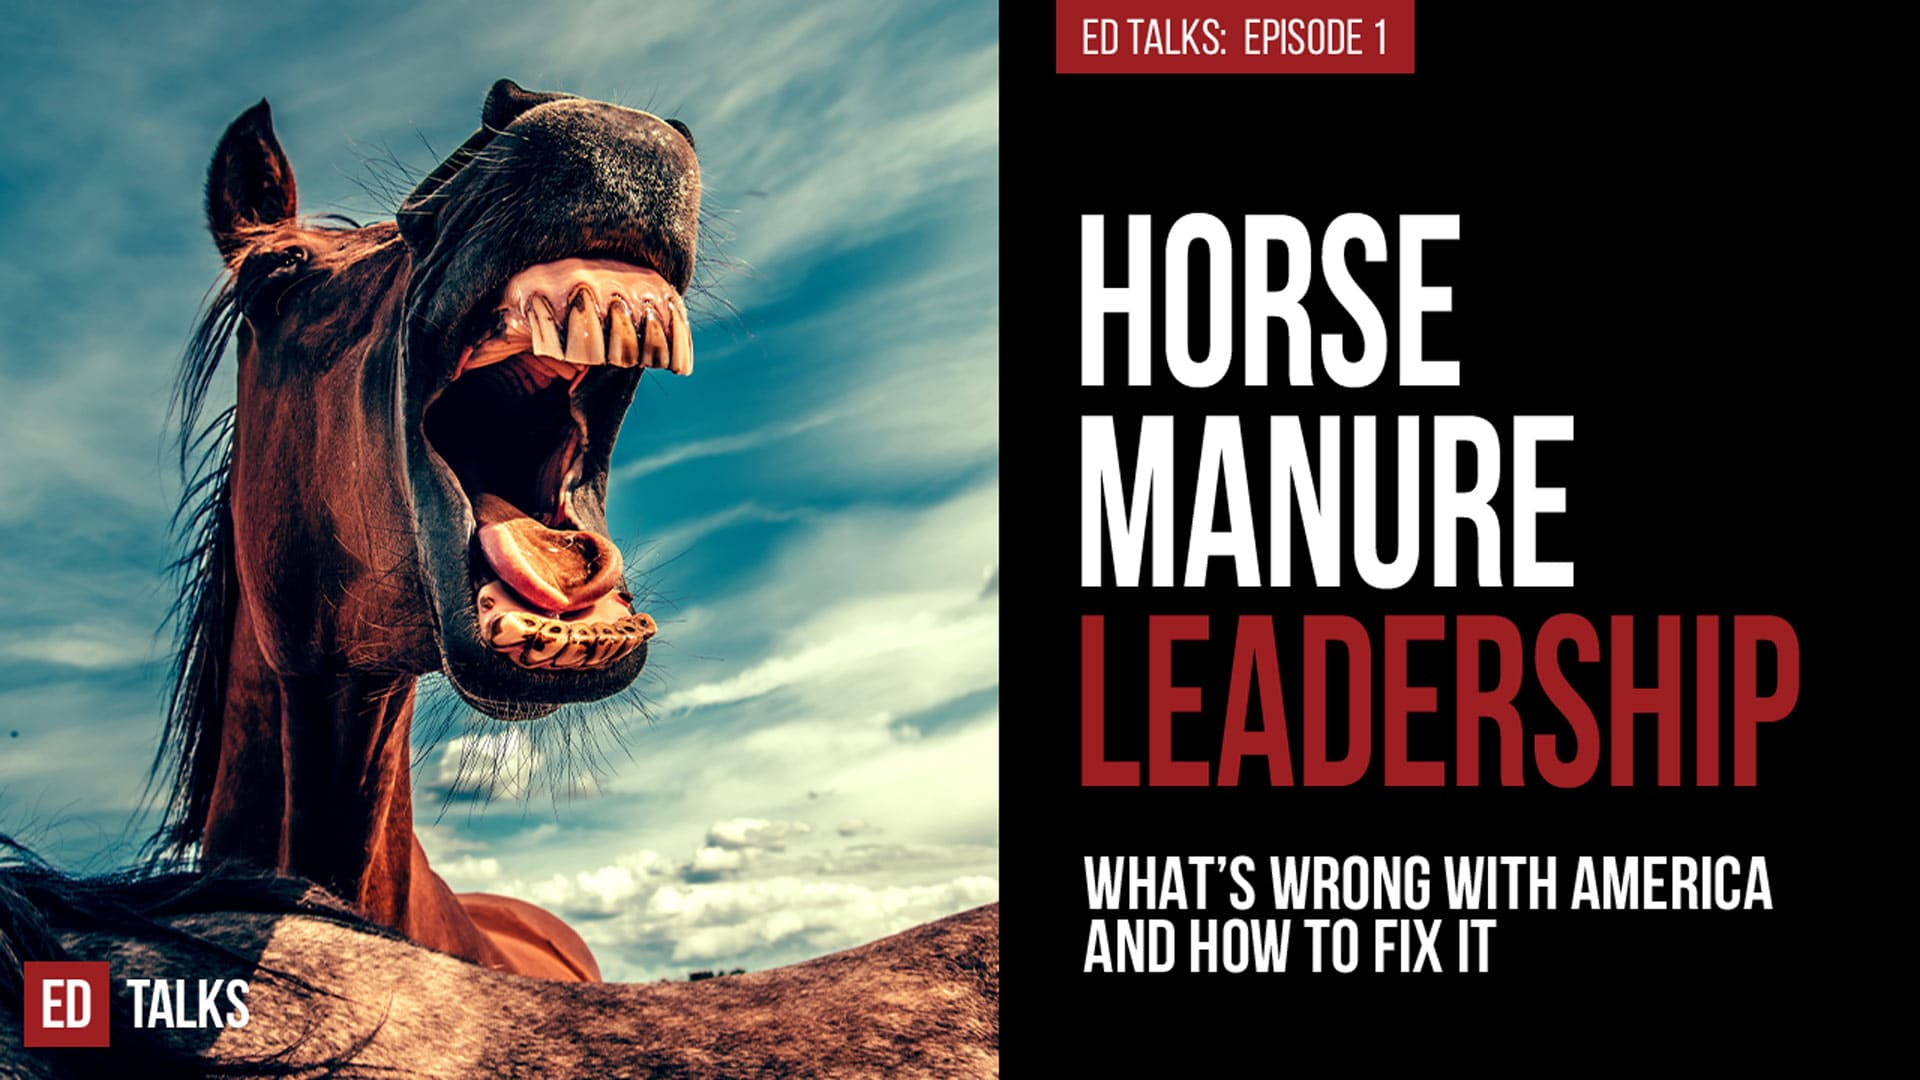 EdTalks Episode1 HorseManureLeadership - Ed Rush | Business Growth Acceleration Mentor, Speaker, Author - 5x #1 Bestselling Author, Speaker, Mentor, Advisor